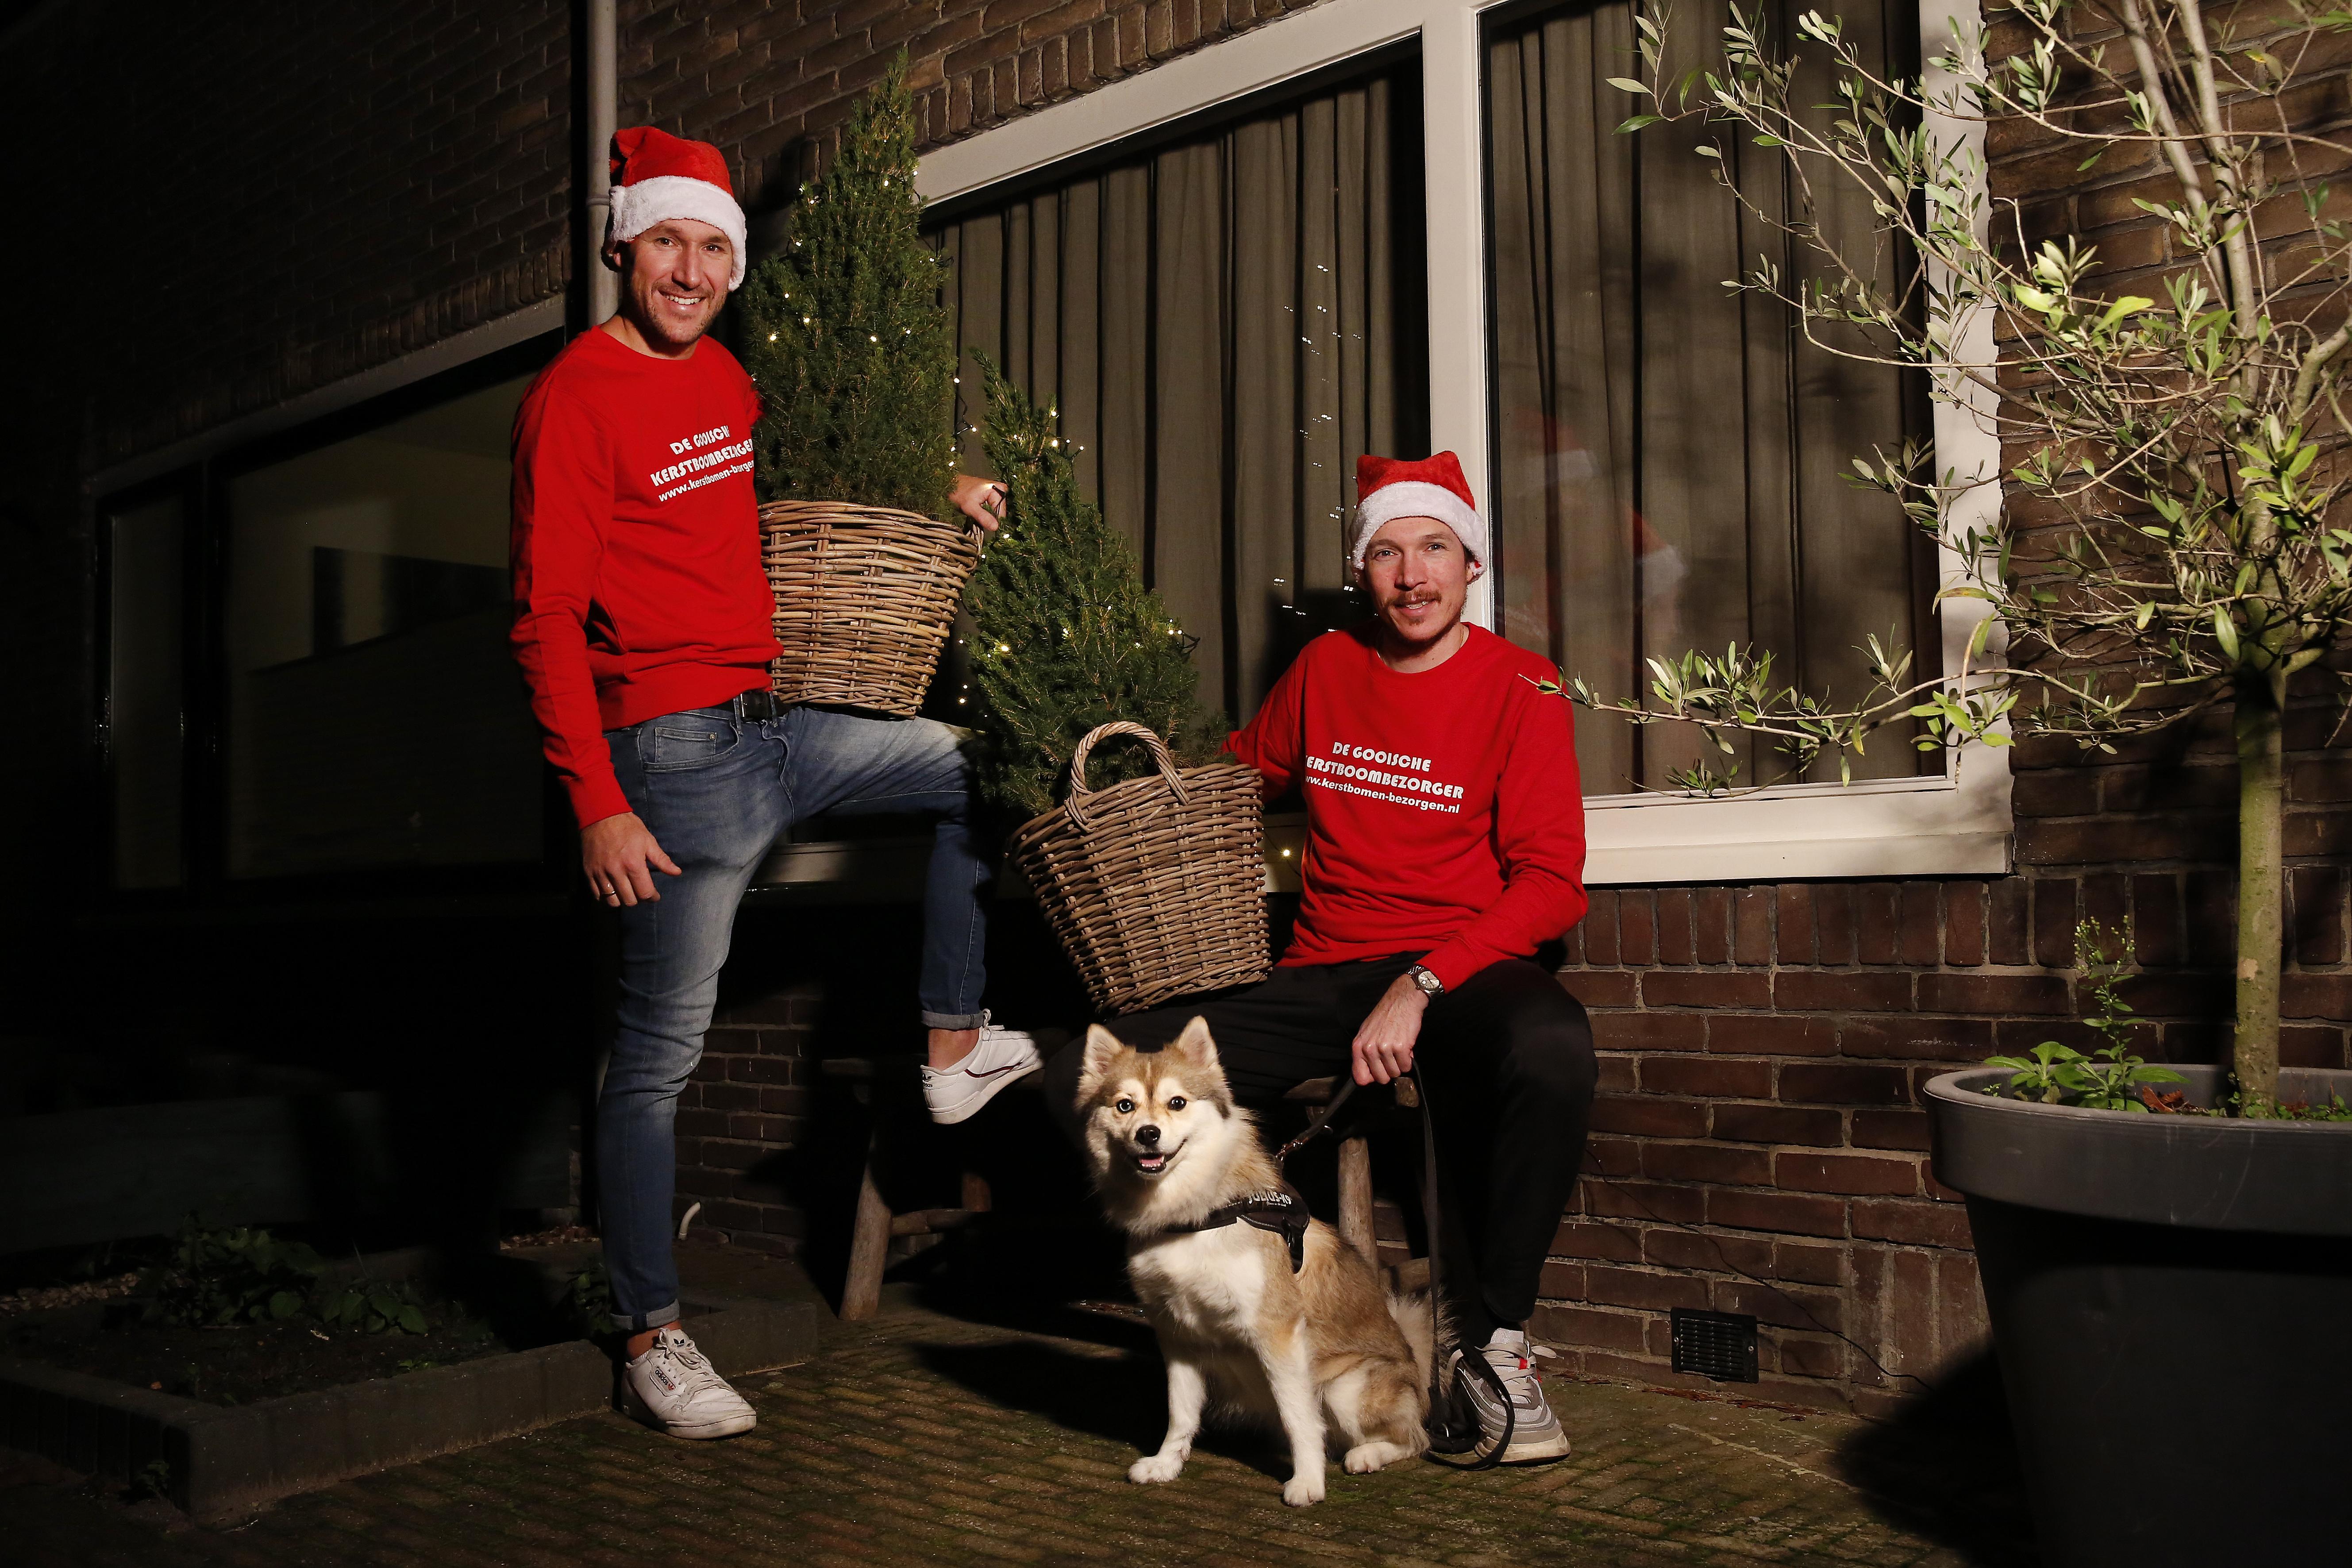 De Gooische Kerstboombezorger rijdt vanaf eind november rond; 'Zo hoeven mensen niet een overvol tuincentrum in'